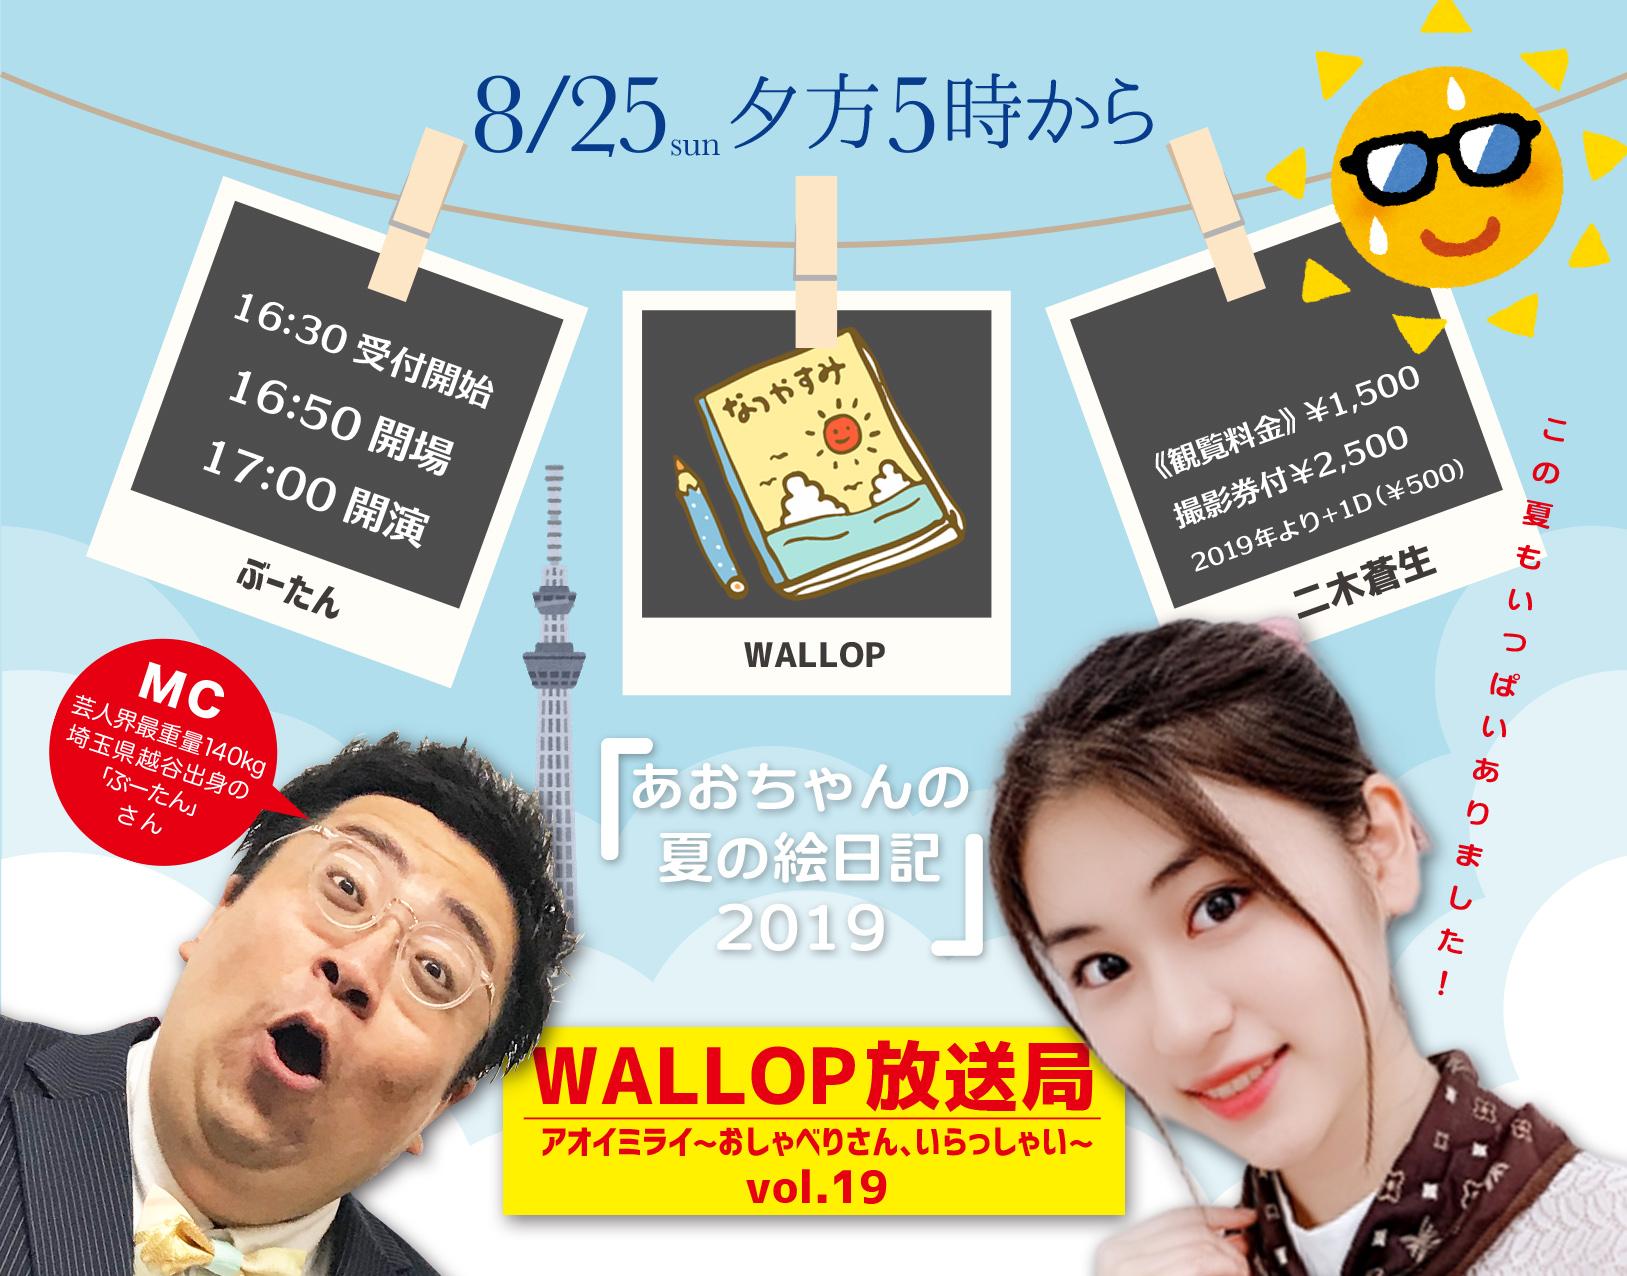 8/25(日)WALLOP「アオイミライ」〜おしゃべりさん、いらっしゃい〜vol.19